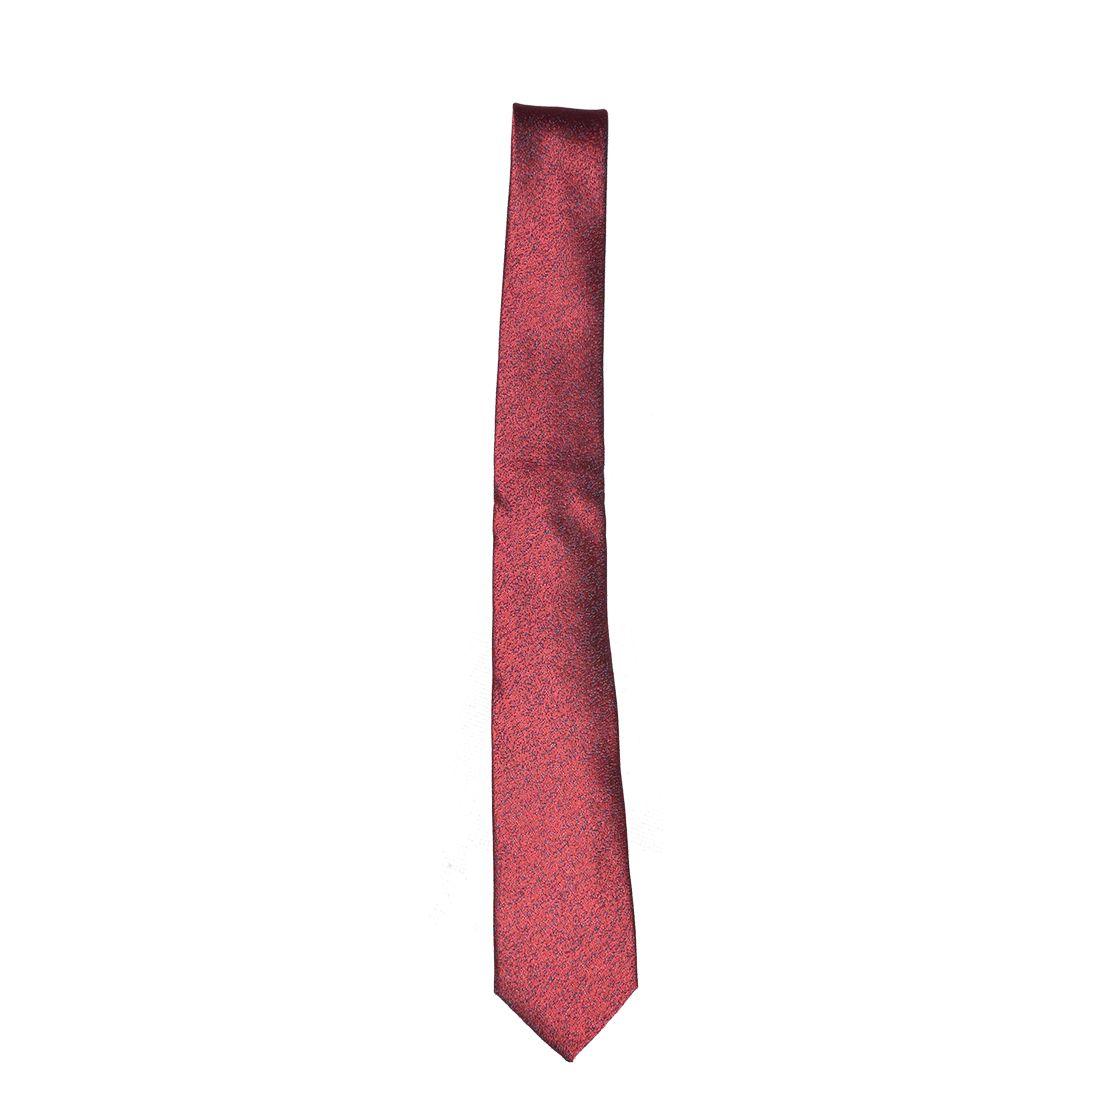 4018 - Gravata Bordo Composta Slim - LEVOK